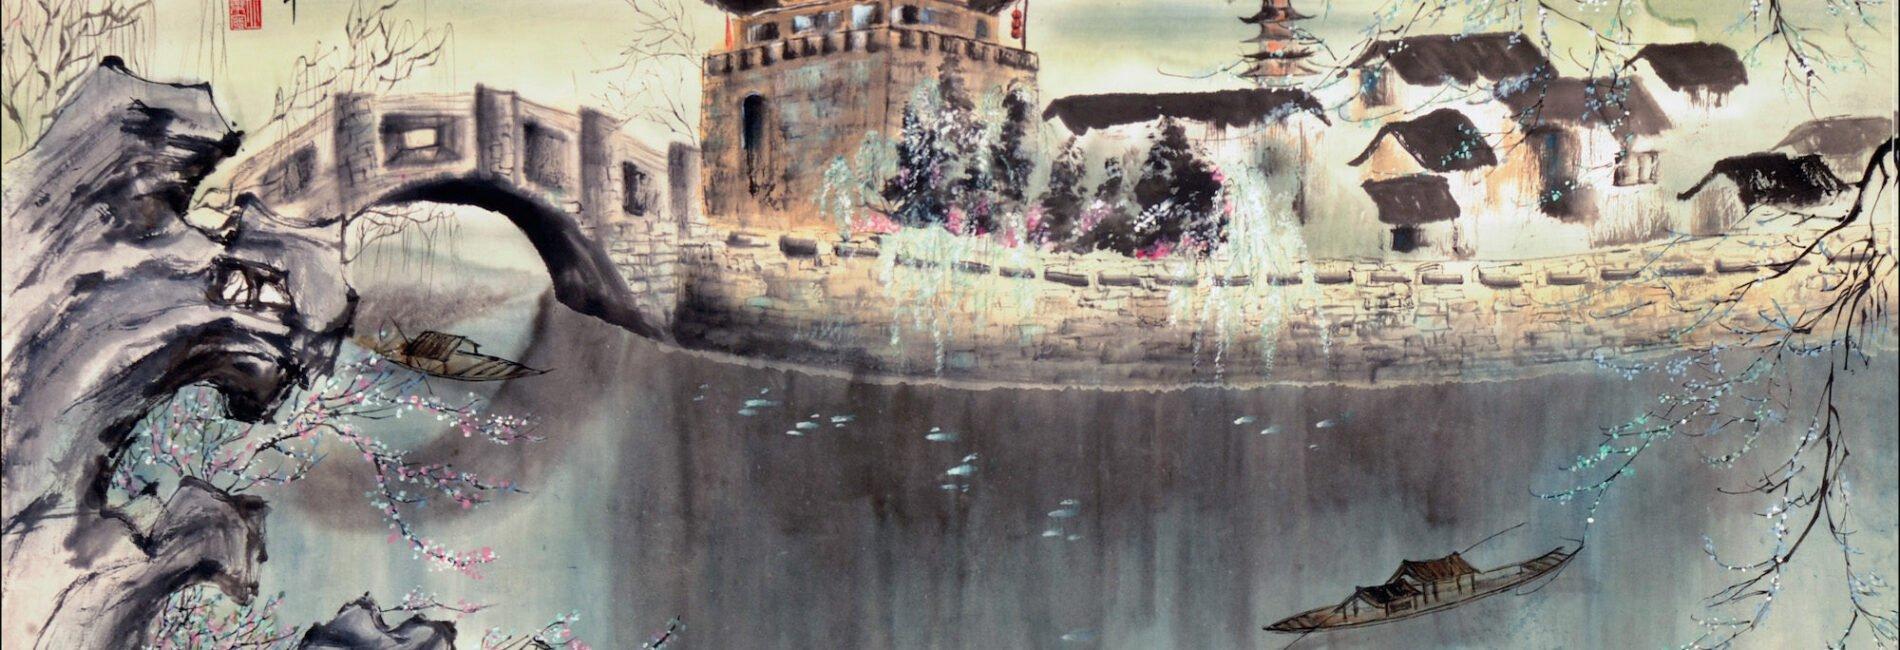 Художественная культура Древнего Китая. Часть 3